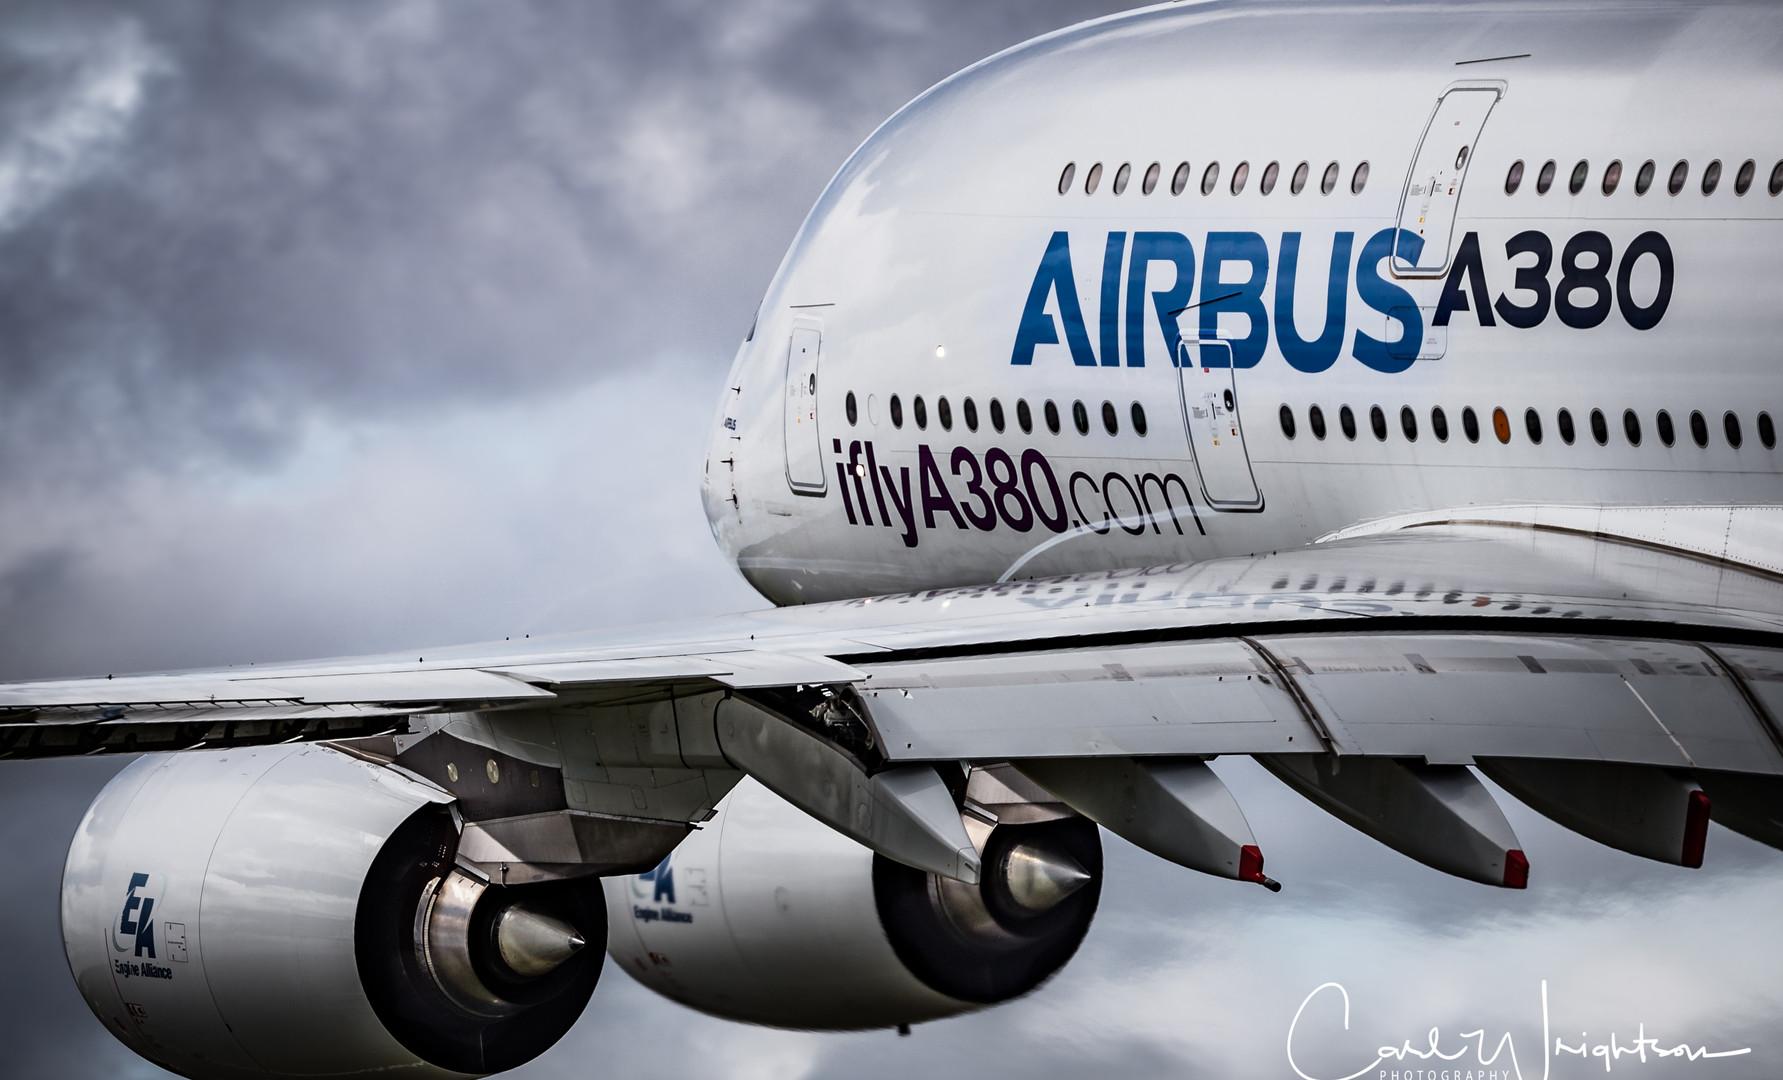 Farnborough Internation Air Show